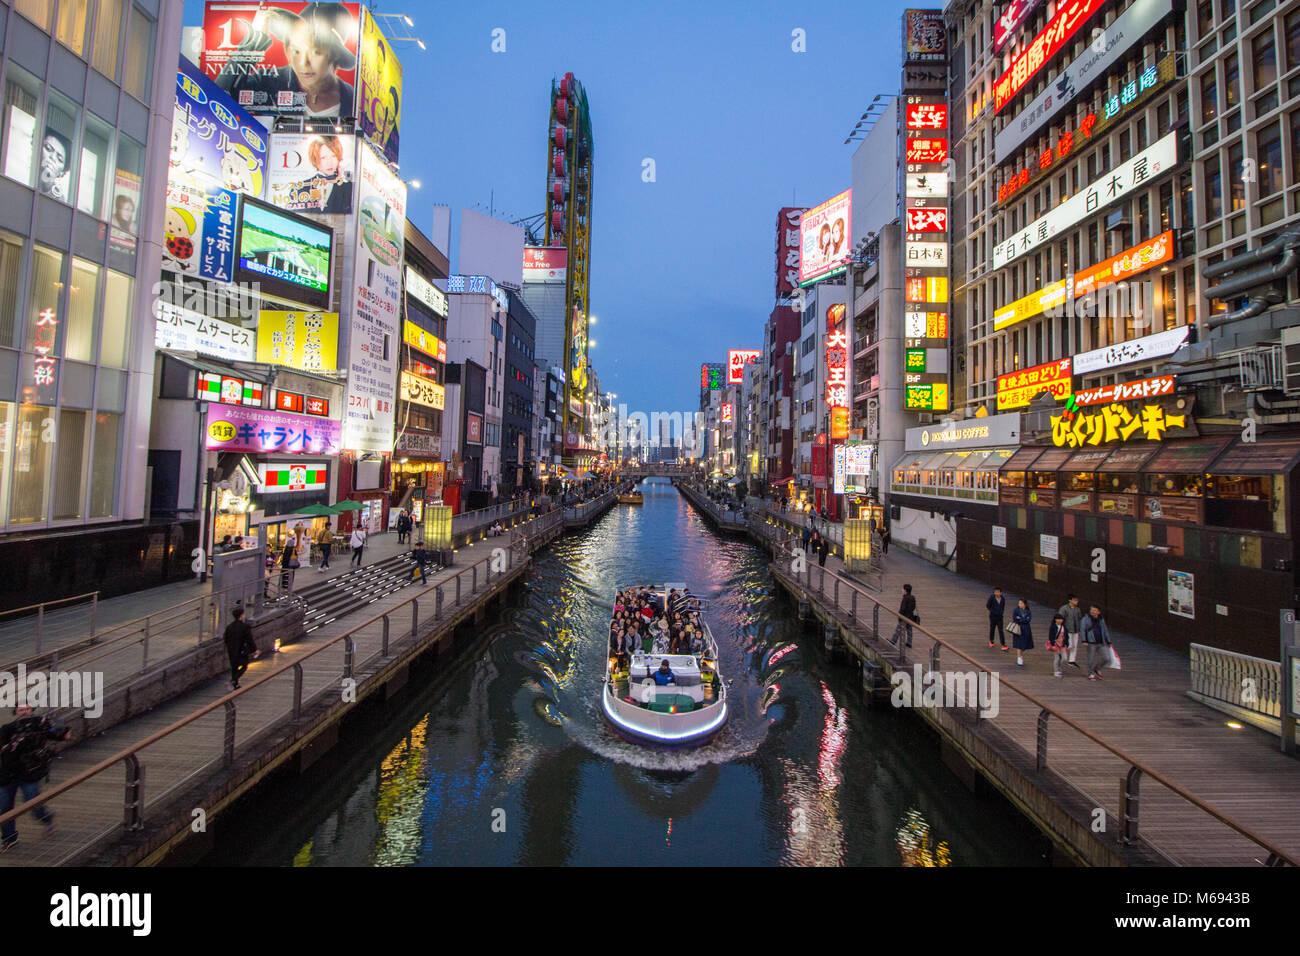 Vie nocturne en début de soirée dans le quartier animé autour de Dotonbori, Osaka, Japon Photo Stock